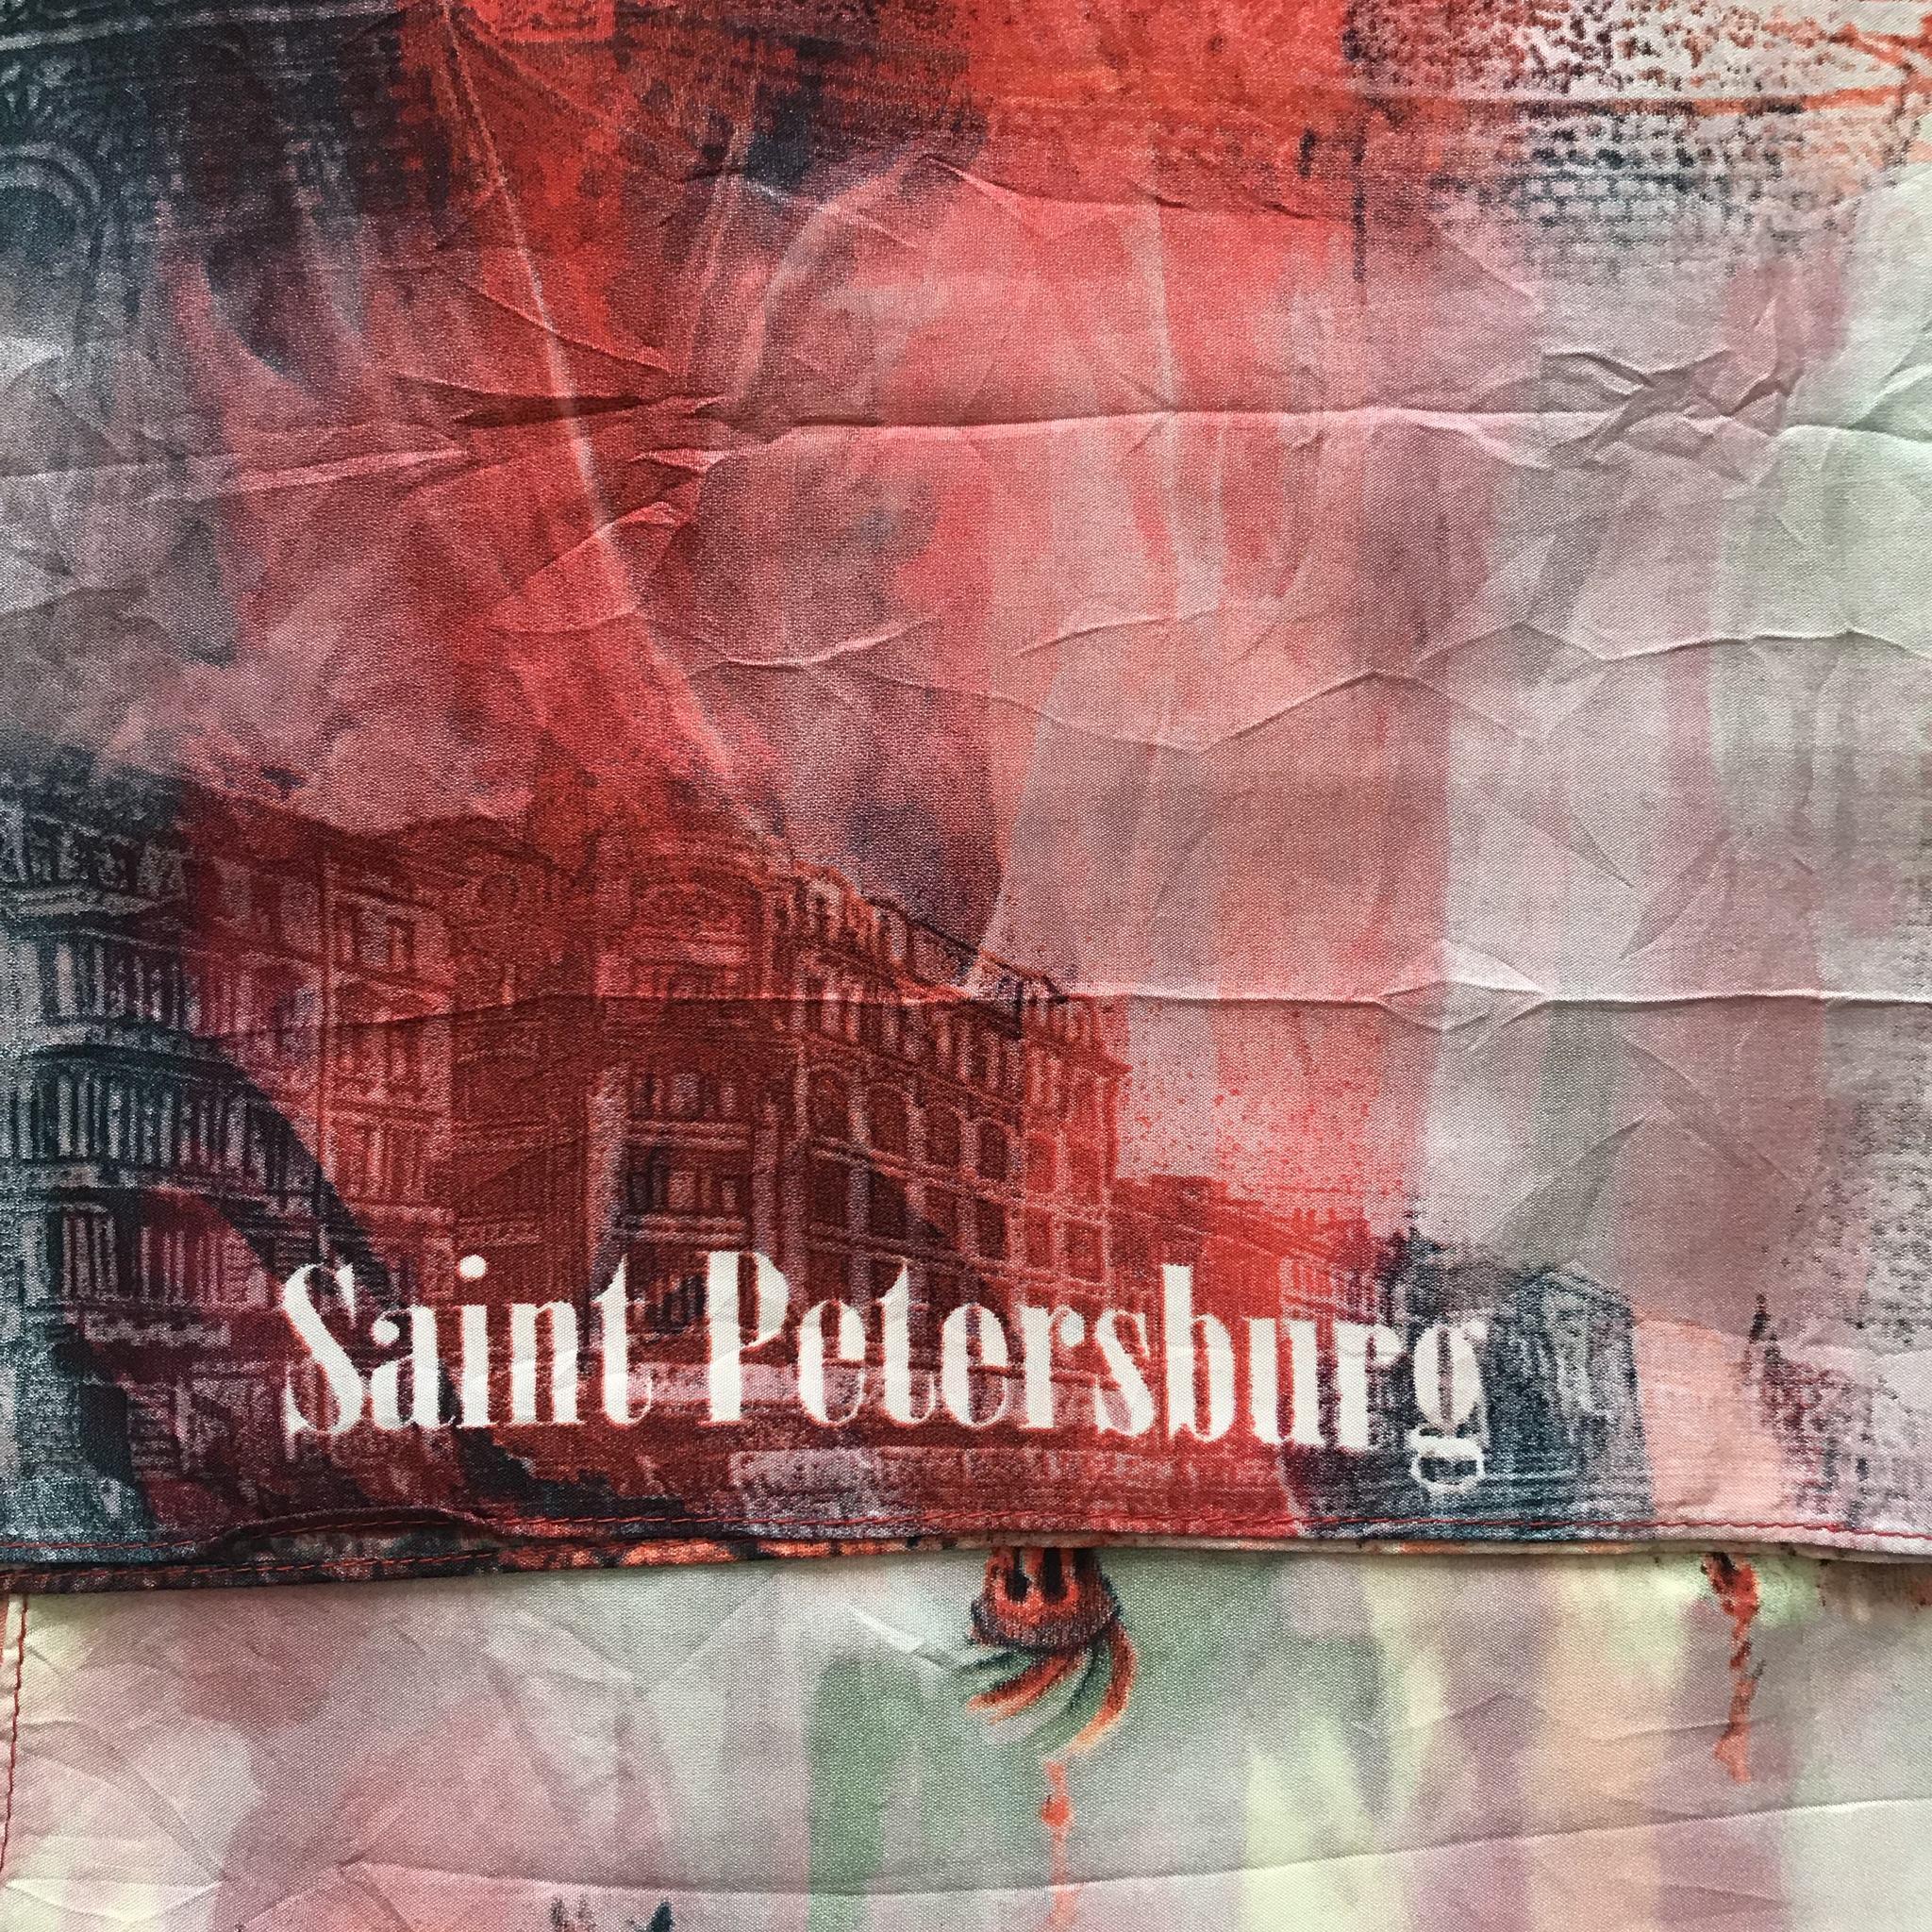 Палантин Санкт-Петербург 6020_02